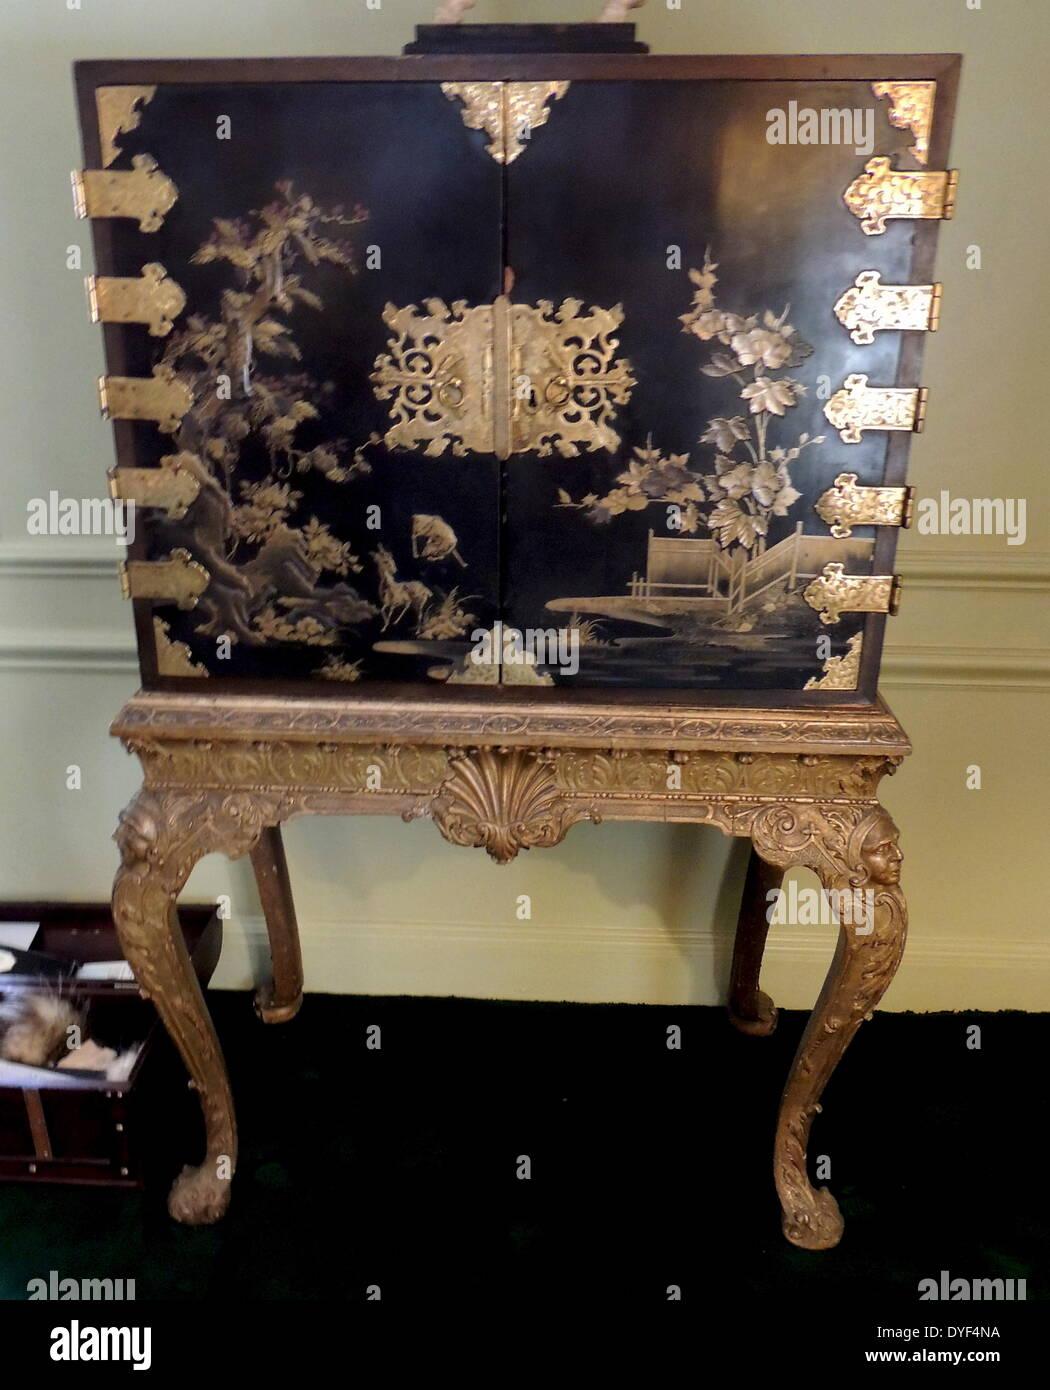 Japanische schwarz und Gold lackiert Schrank Stockfoto, Bild ...